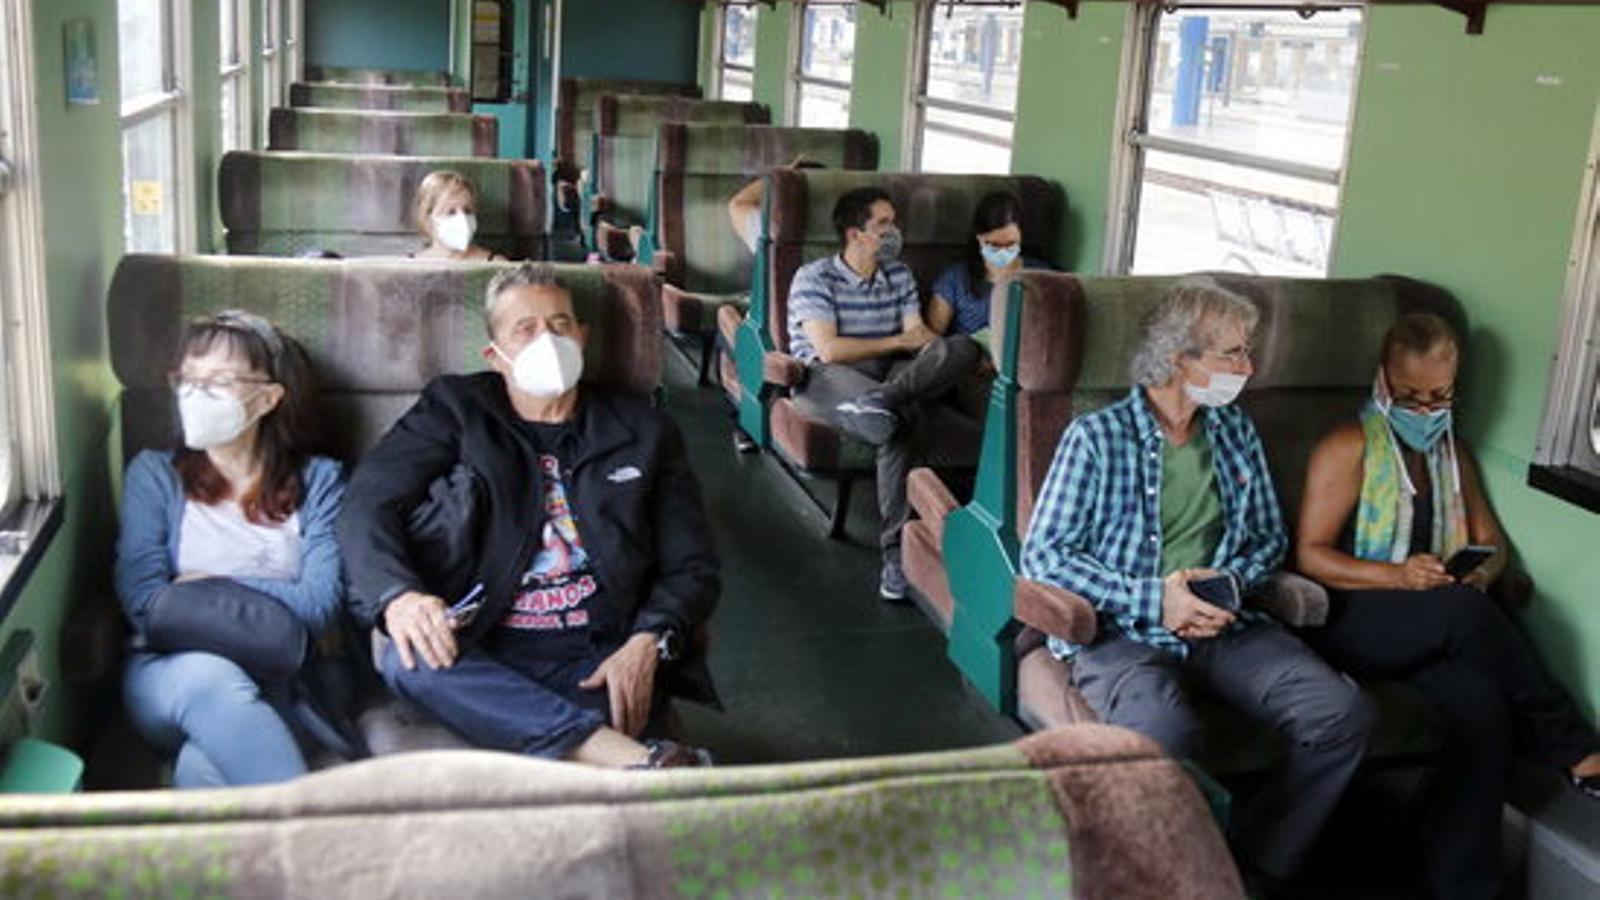 Passatgers del Tren dels Llacs abans de sortir de Lleida cap a la Pobla de Segur. / ACN